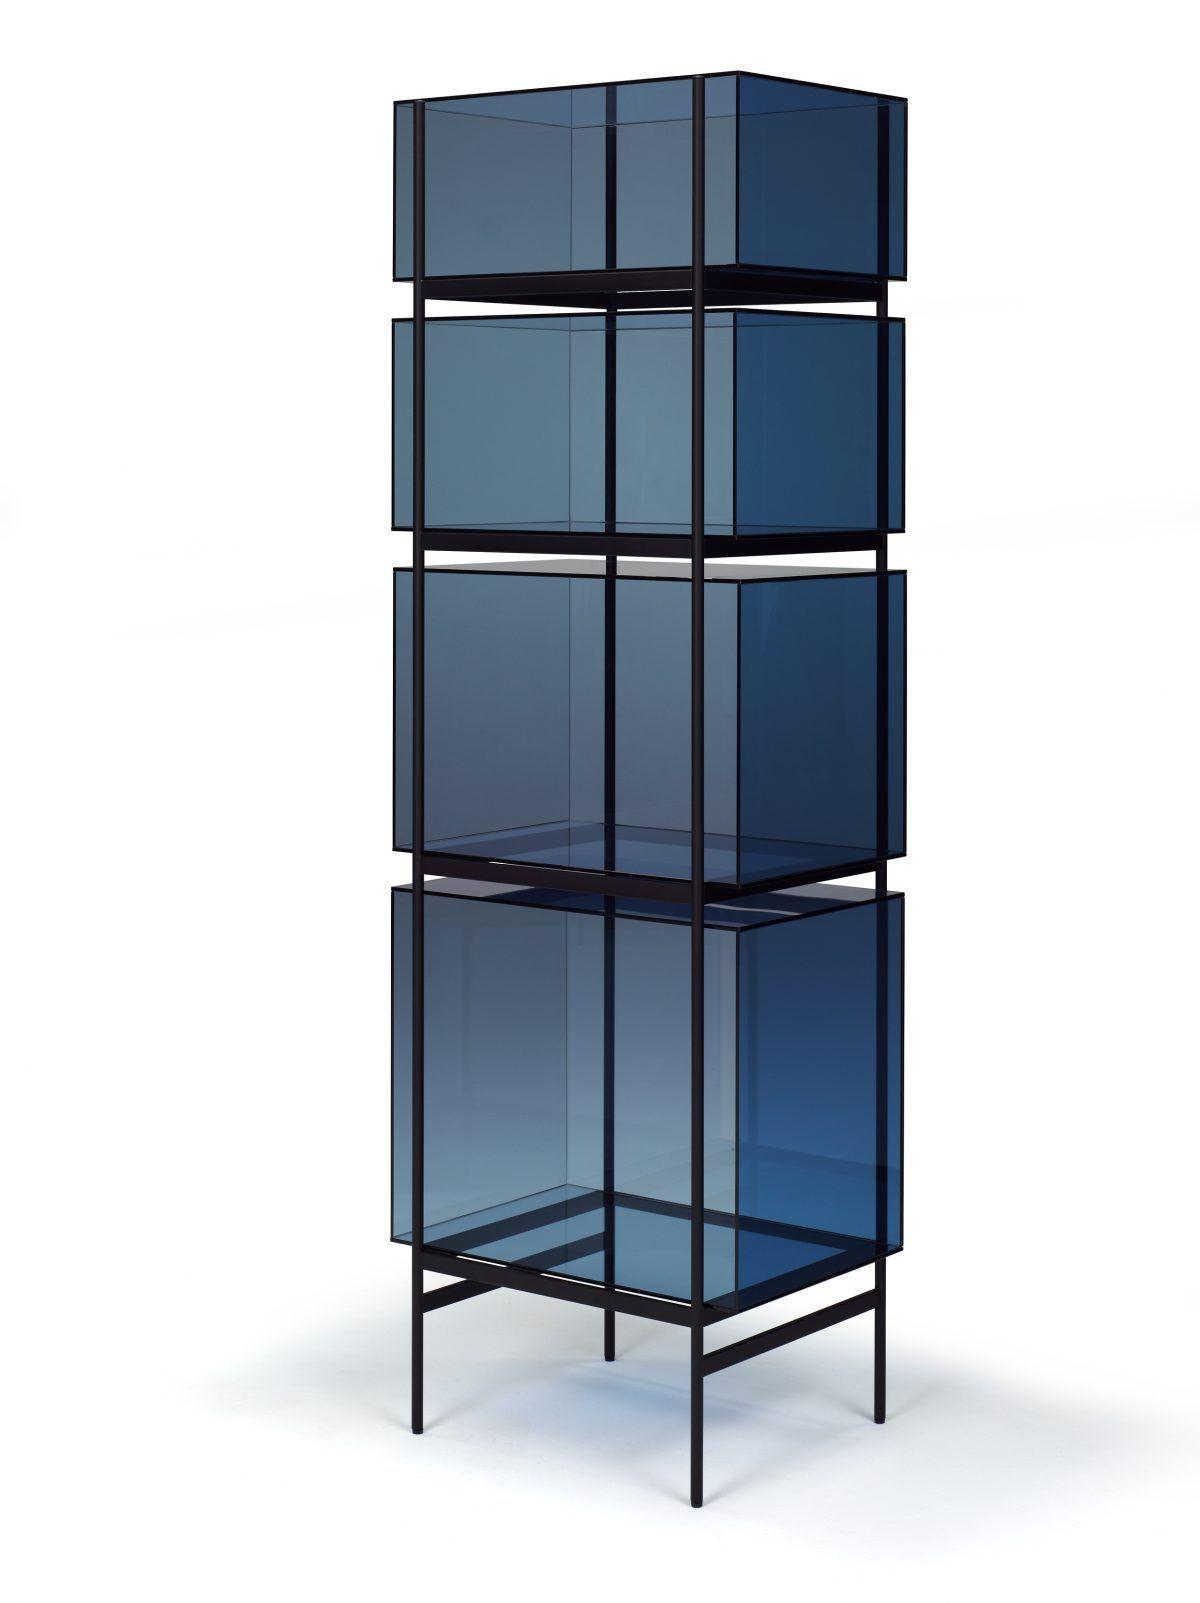 Glazen Kast Lyn 4 Vakken In 2019 家具 装饰柜 Furniture